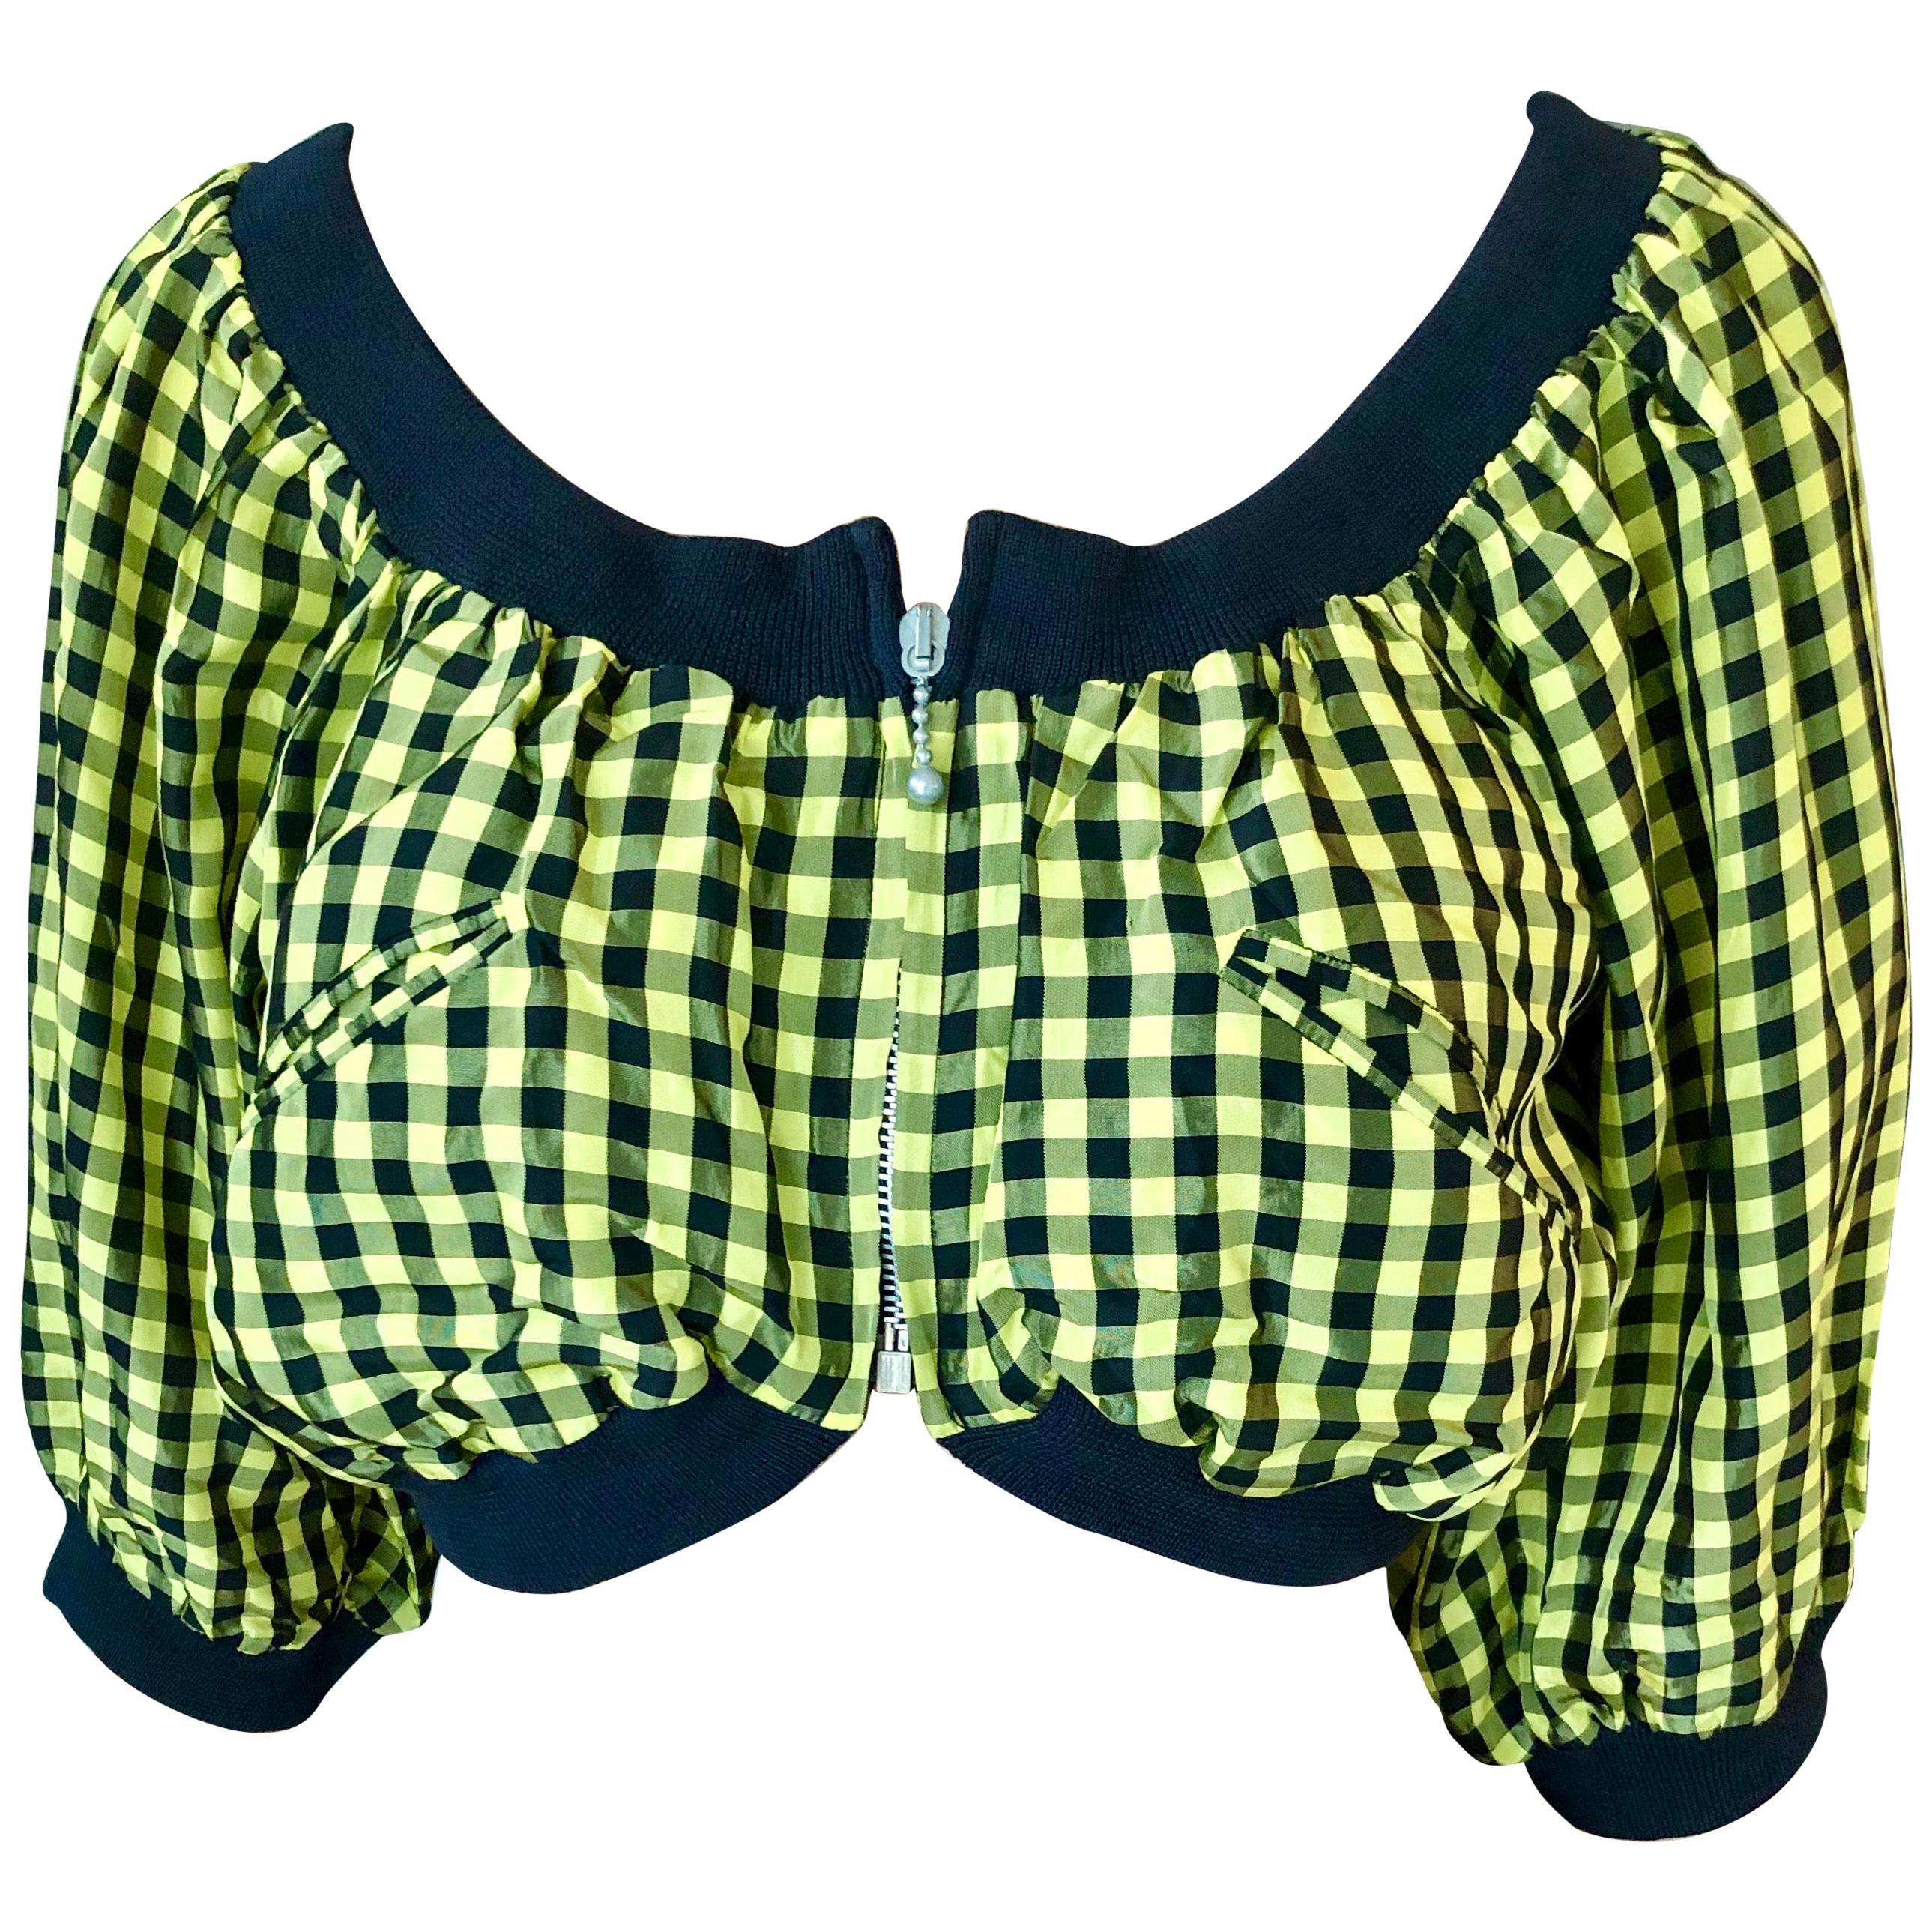 Jean Paul Gaultier c. 1980 Vintage Clueless Crop Top